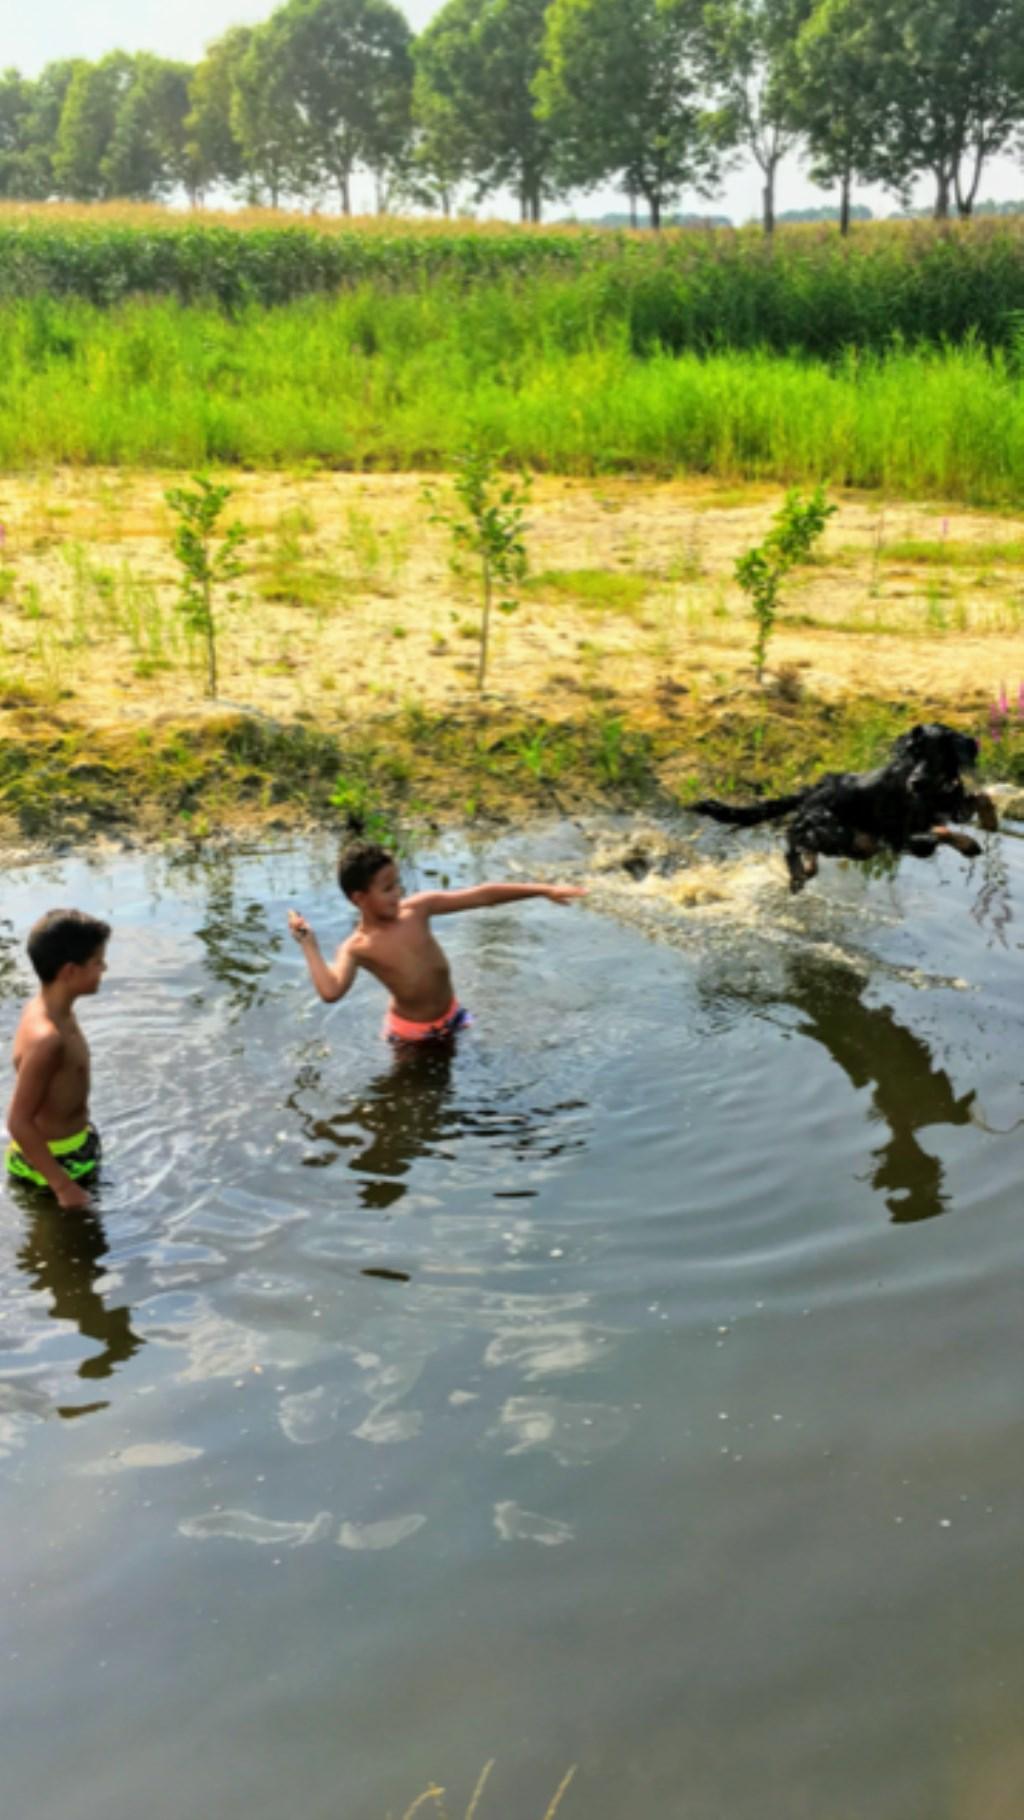 Lekker afkoelen en spelen in de Goorloop! Lemmy maakt een geweldige duik!  (Fam. Hendriks)  © deMooiLaarbeekkrant